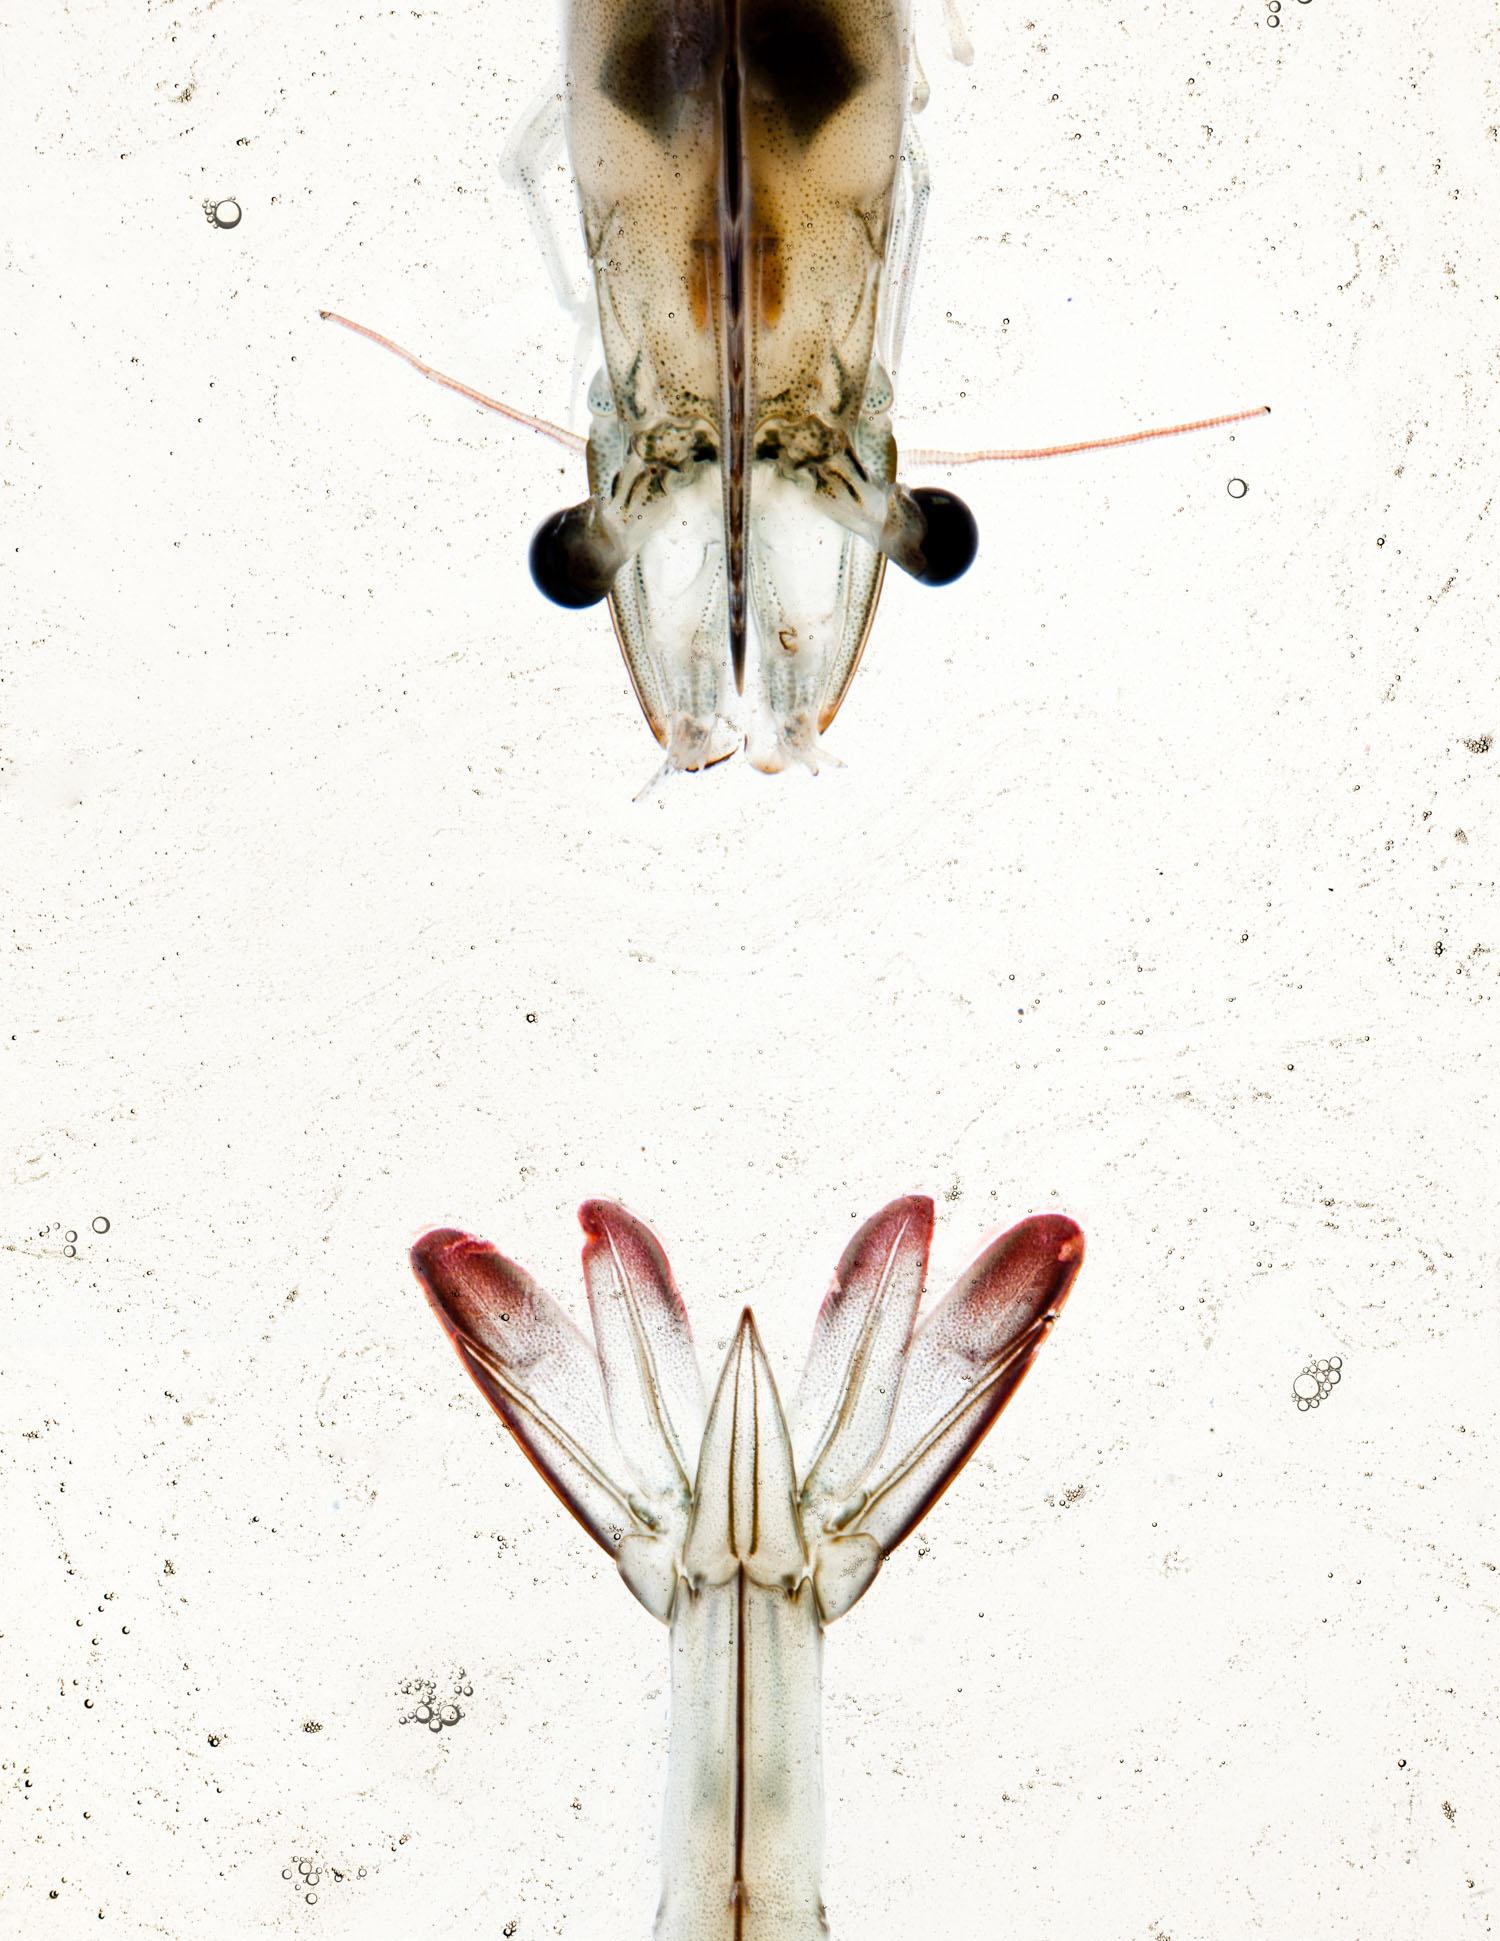 Sky8 Shrimp photographed by Adam DeTour